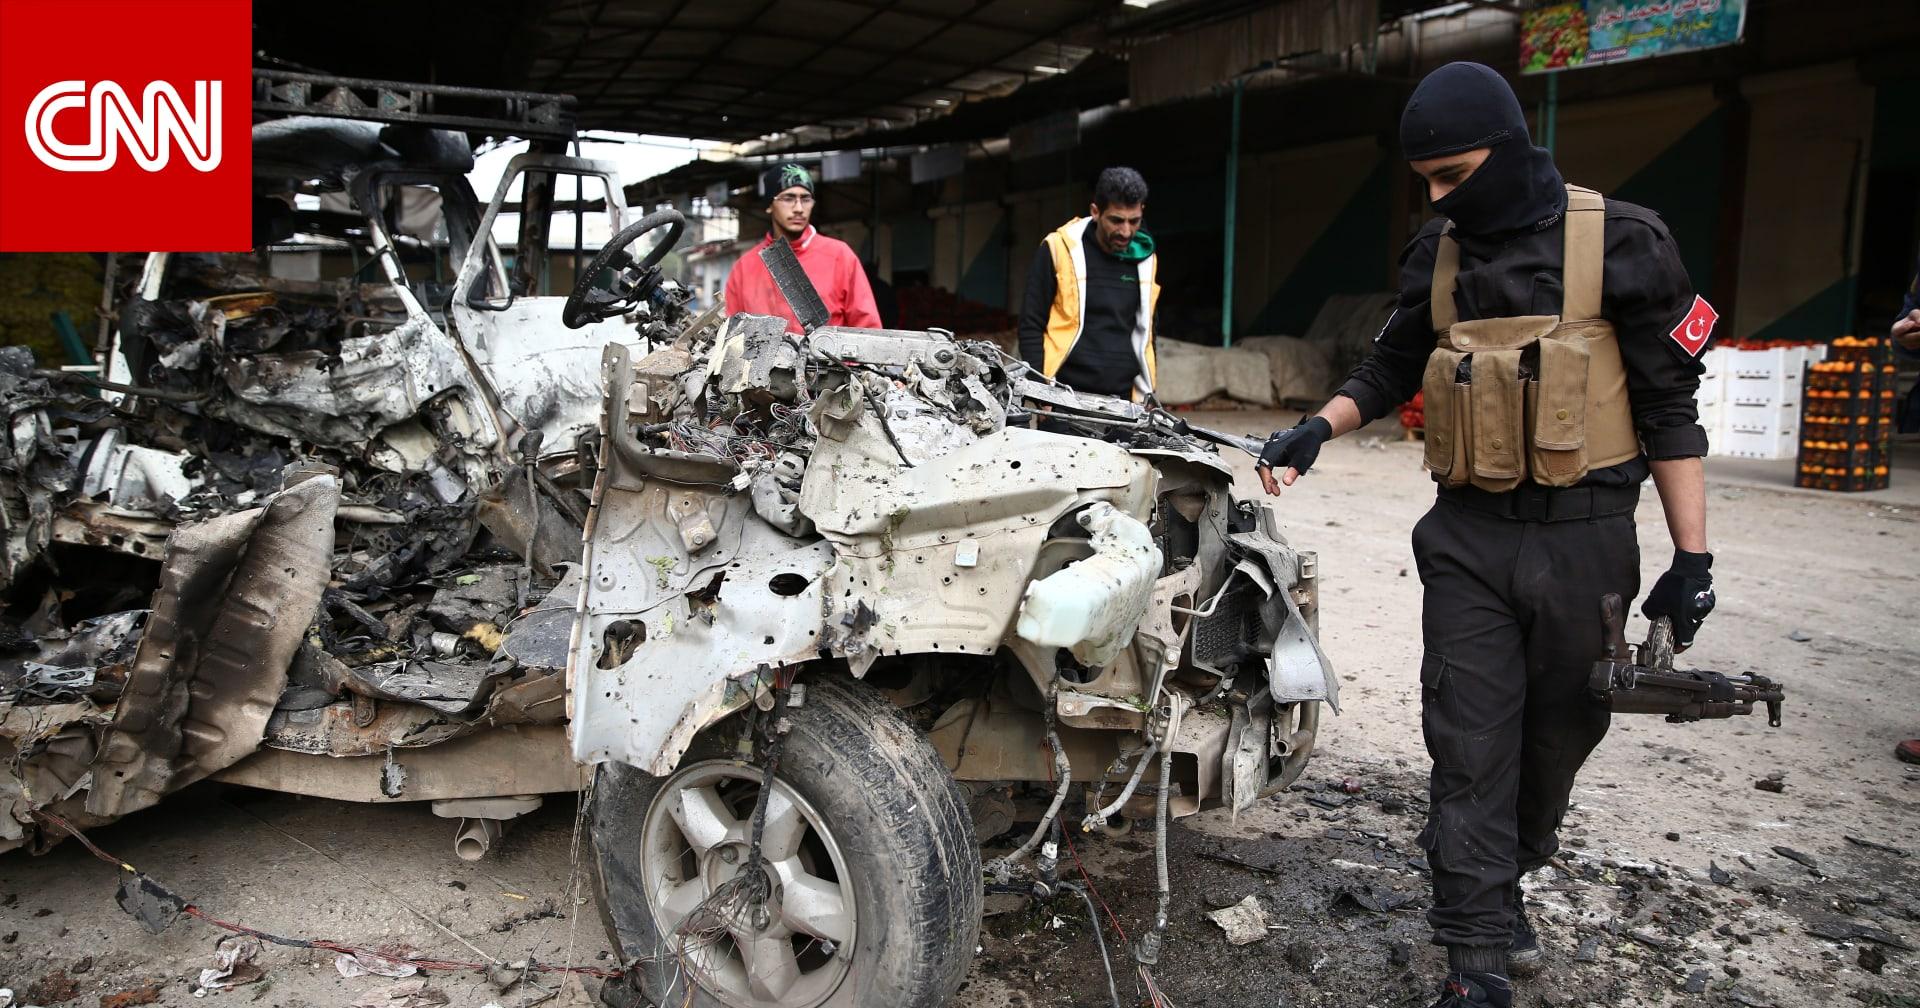 سانا: مقتل 5 مدنيين وإصابة 13 في انفجار سيارة مفخخة في عفرين السورية